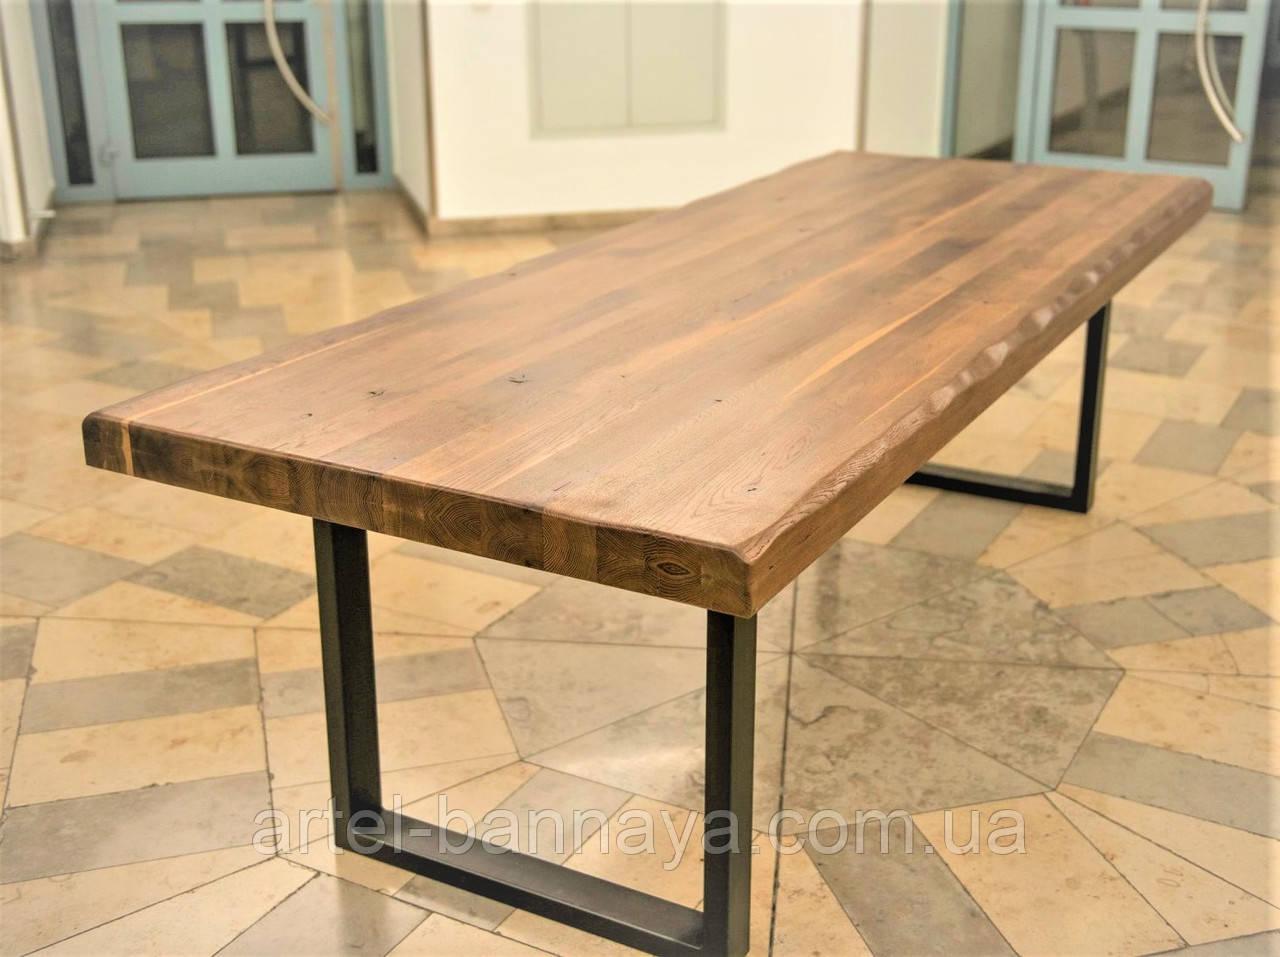 Стол деревянный из термоясеня 2000*900 мм. для кафе, баров, ресторанов от производителя